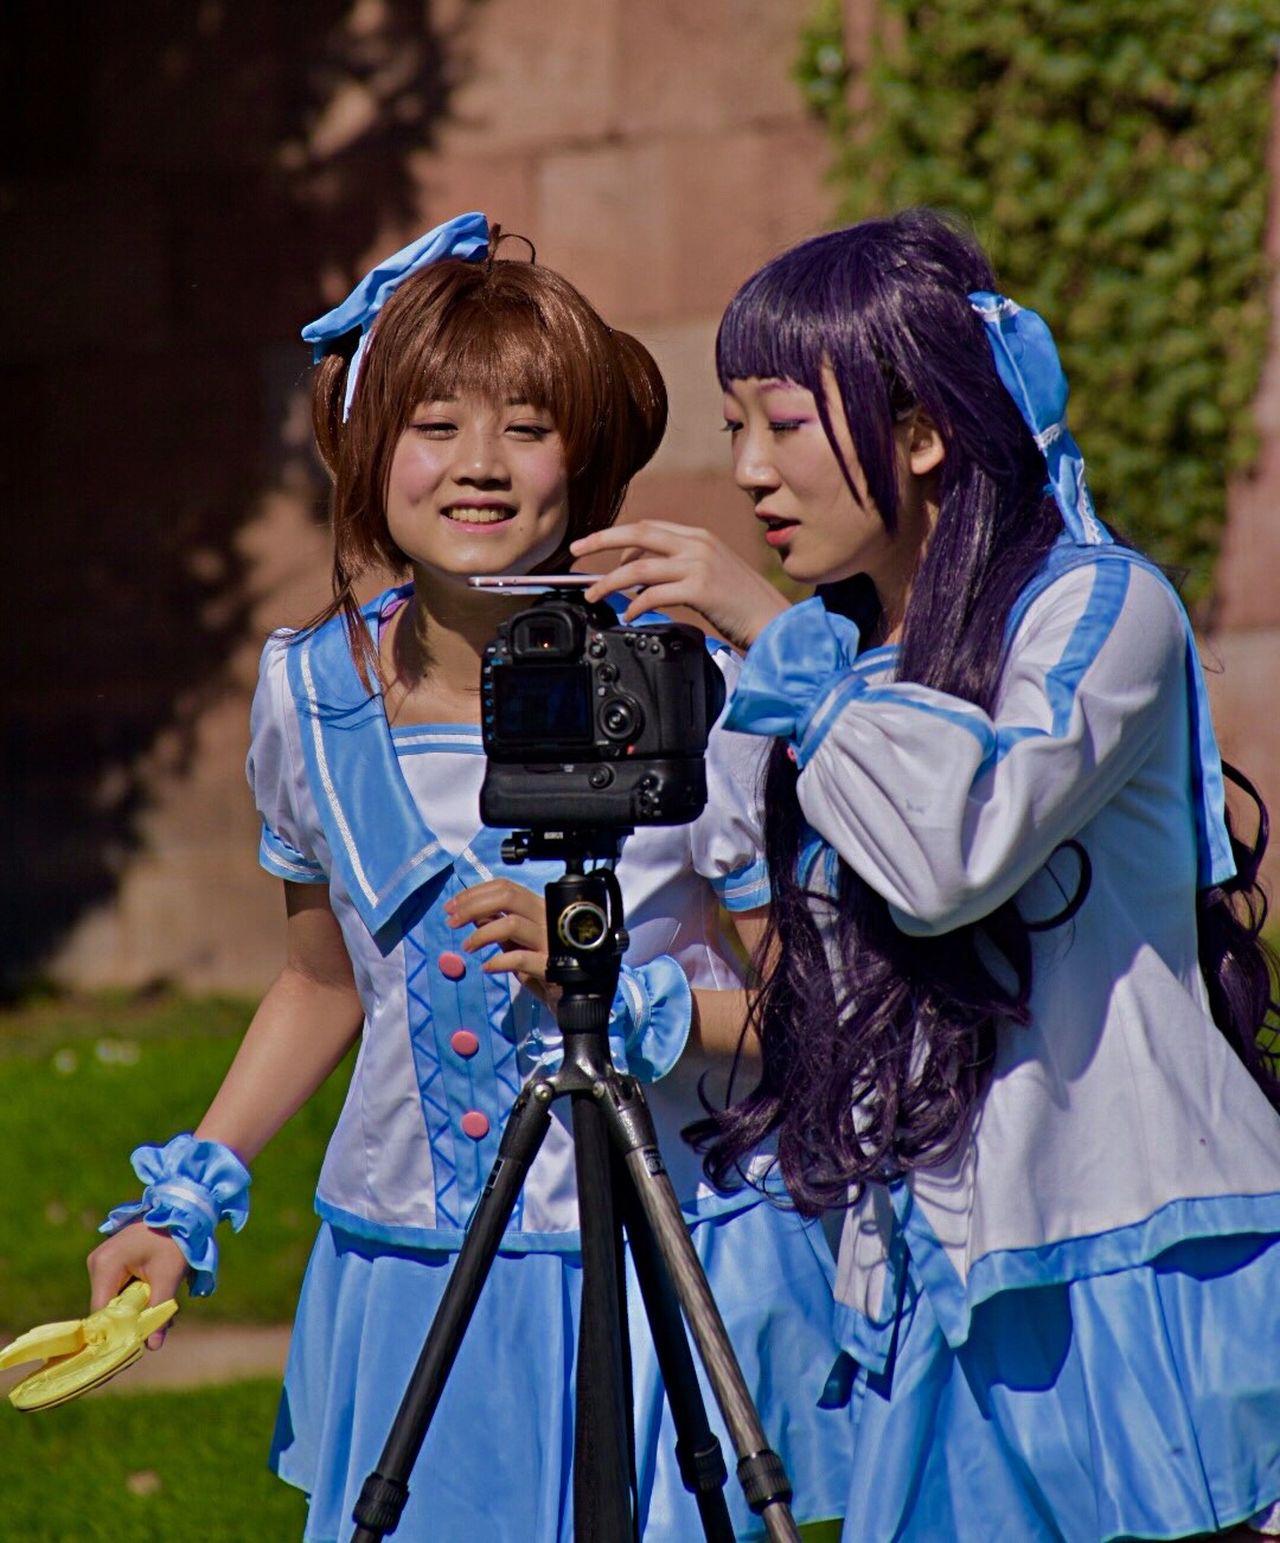 Millennial Pink Manga Outdoors Happiness EyeEm Best Shots - Nature EyeEm Gallery Focus On Foreground EyeEm Best Shots Eyeemphotography